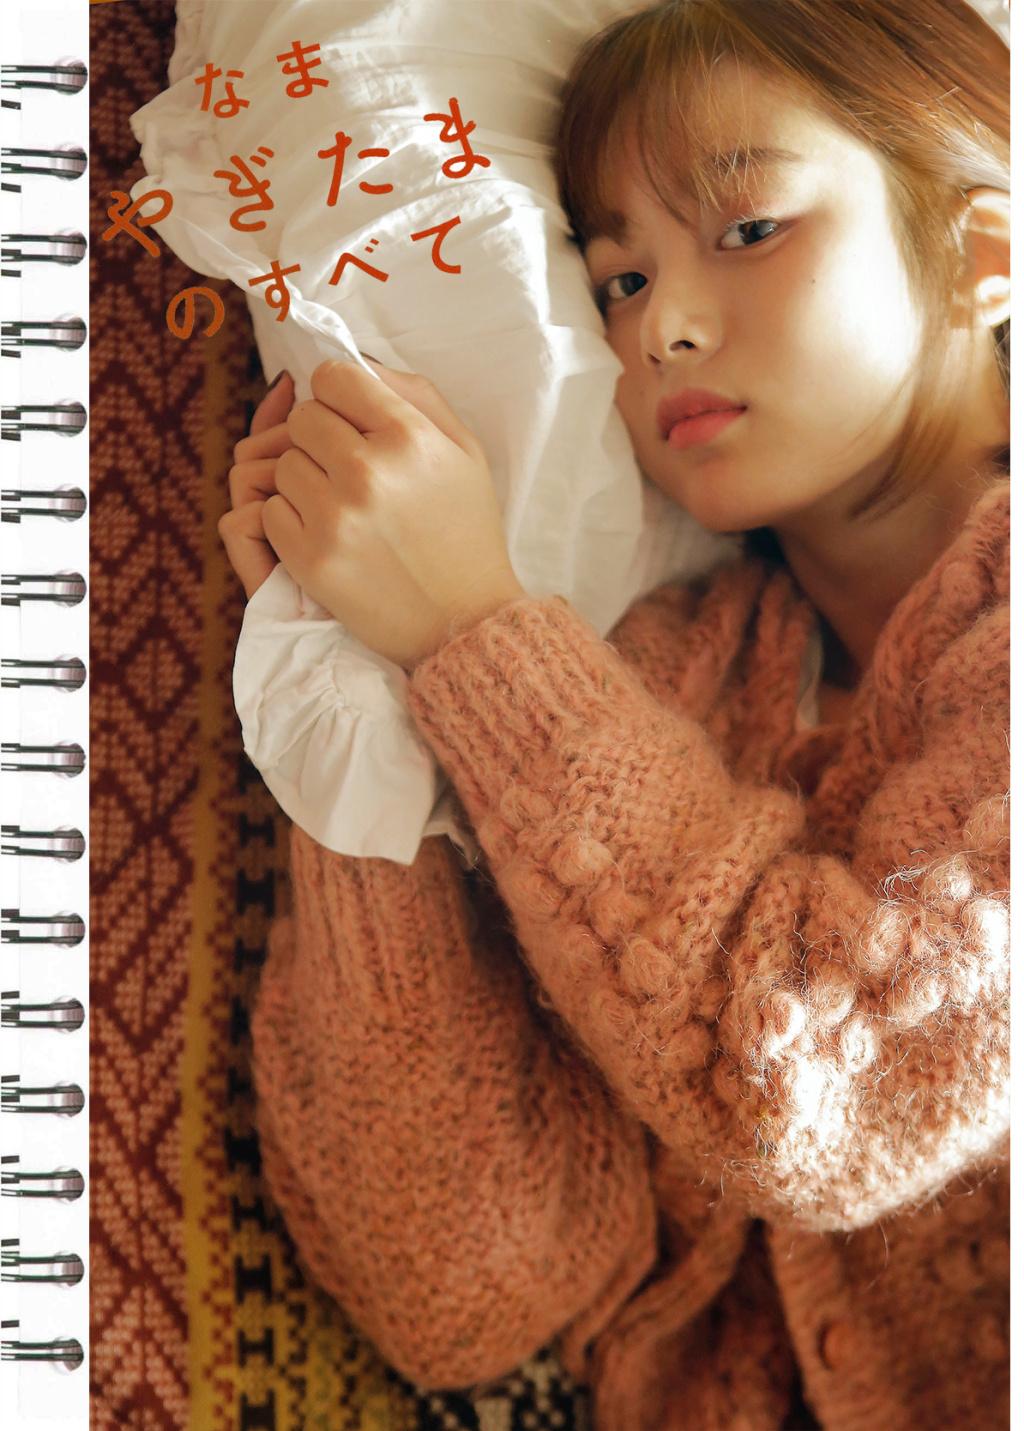 日本清纯短发美女夏日睡衣娇小身躯短裤翘臀美腿床上写真集